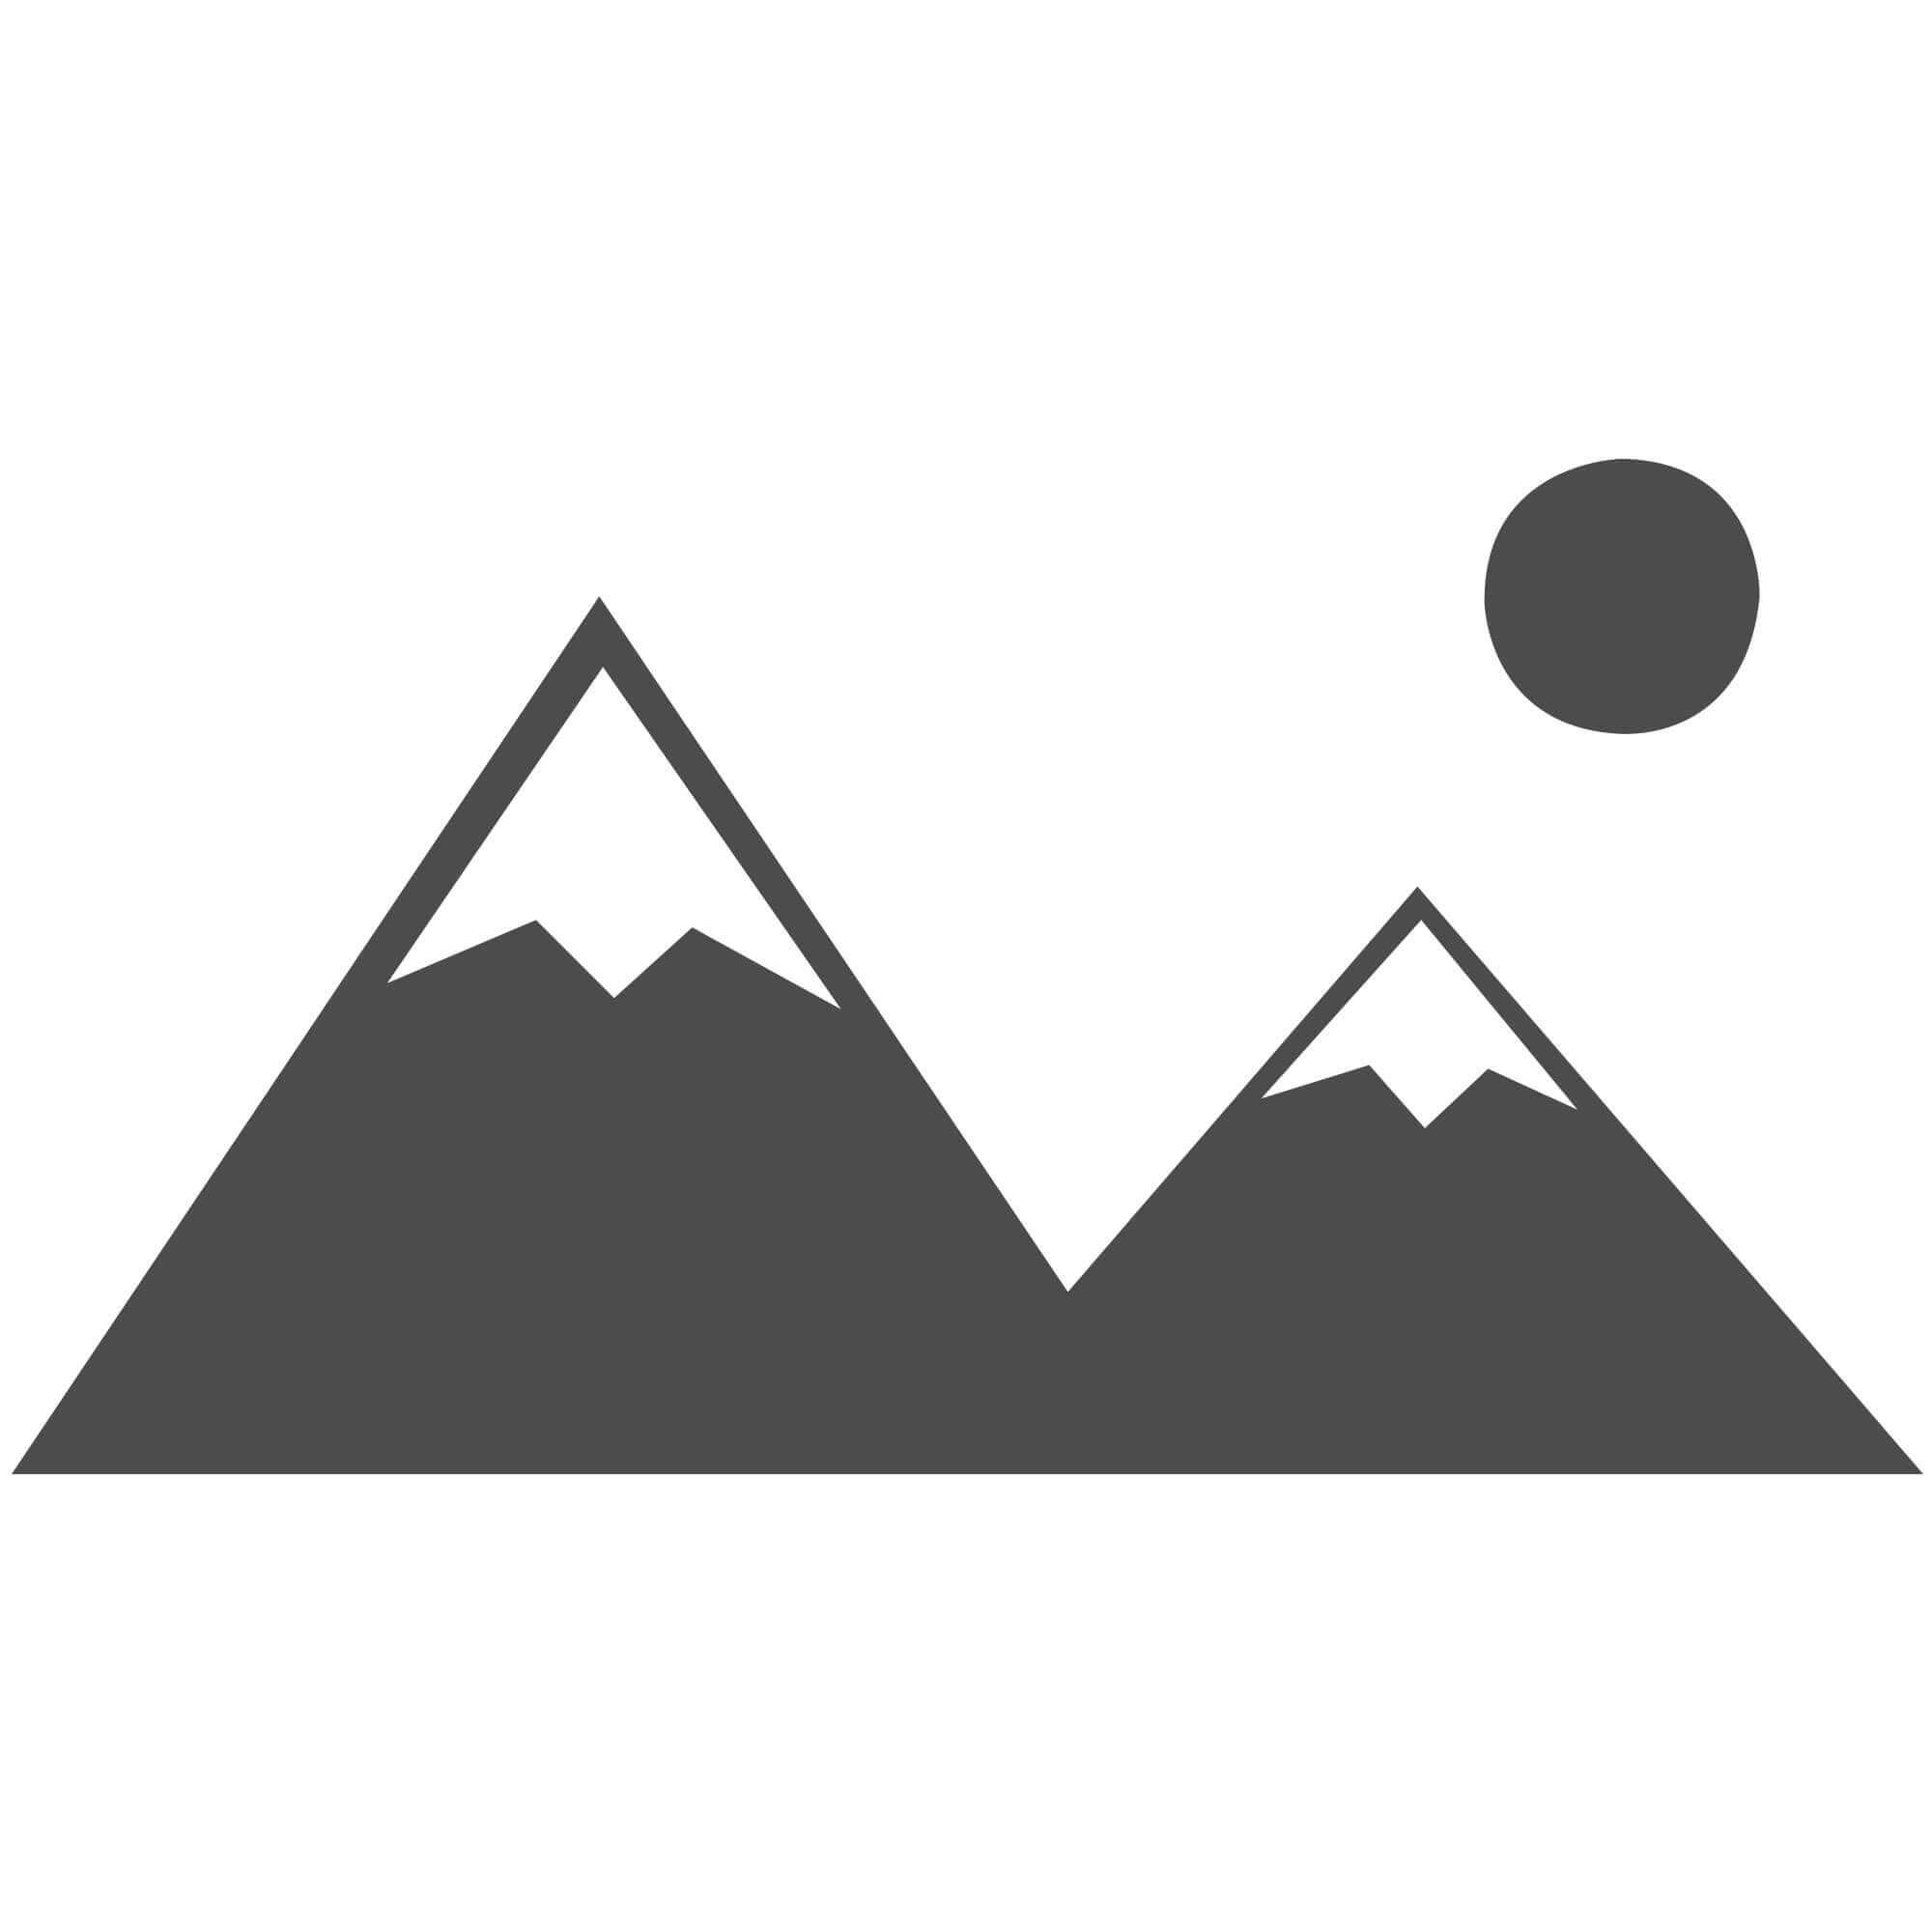 British Sheepskin Rug  - Mink Brown